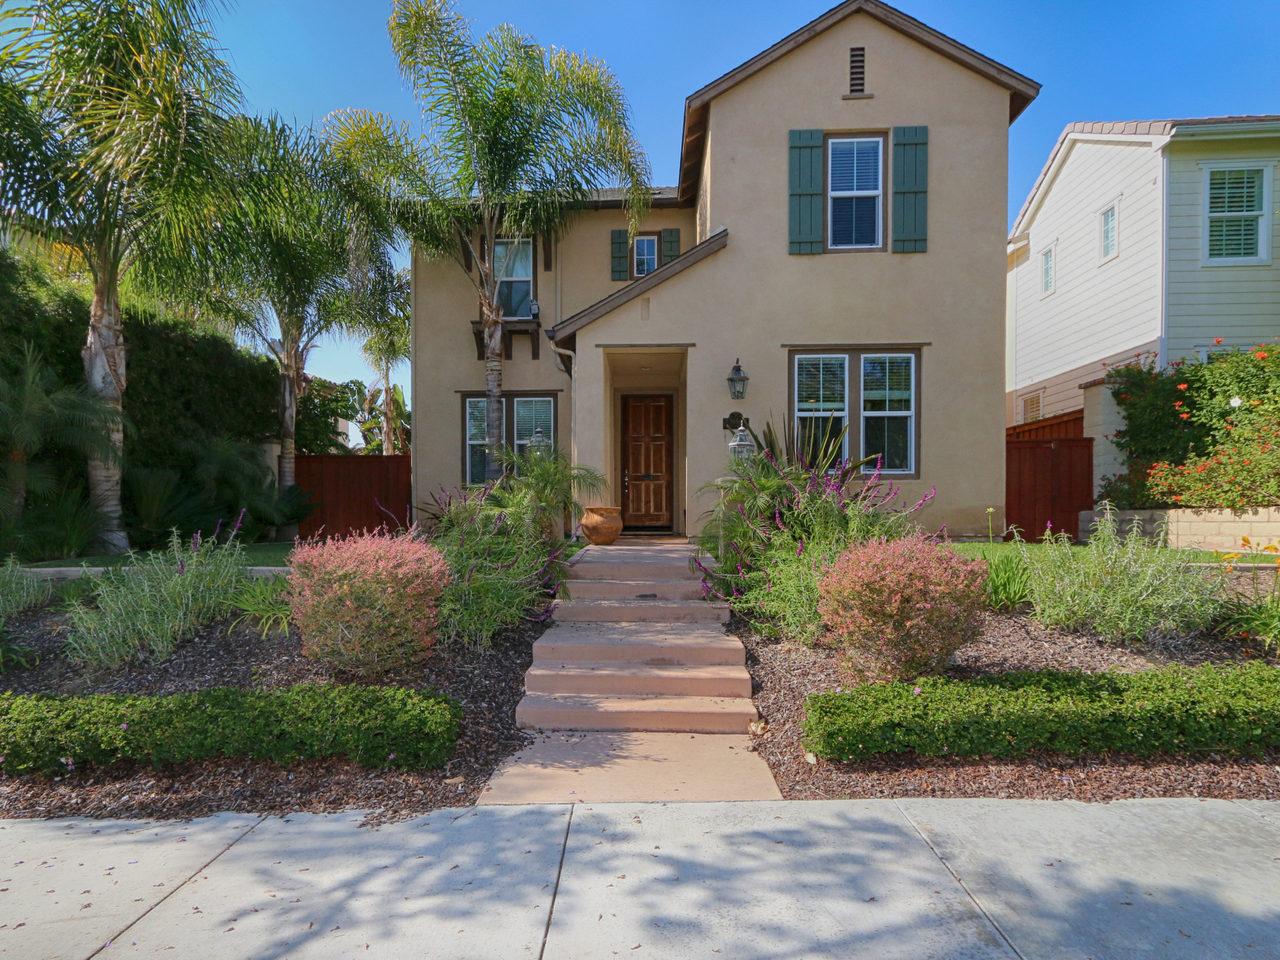 Einfamilienhaus für Verkauf beim Bressi Ranch 2656 Bressi Ranch Way Carlsbad, Kalifornien 92009 Vereinigte Staaten